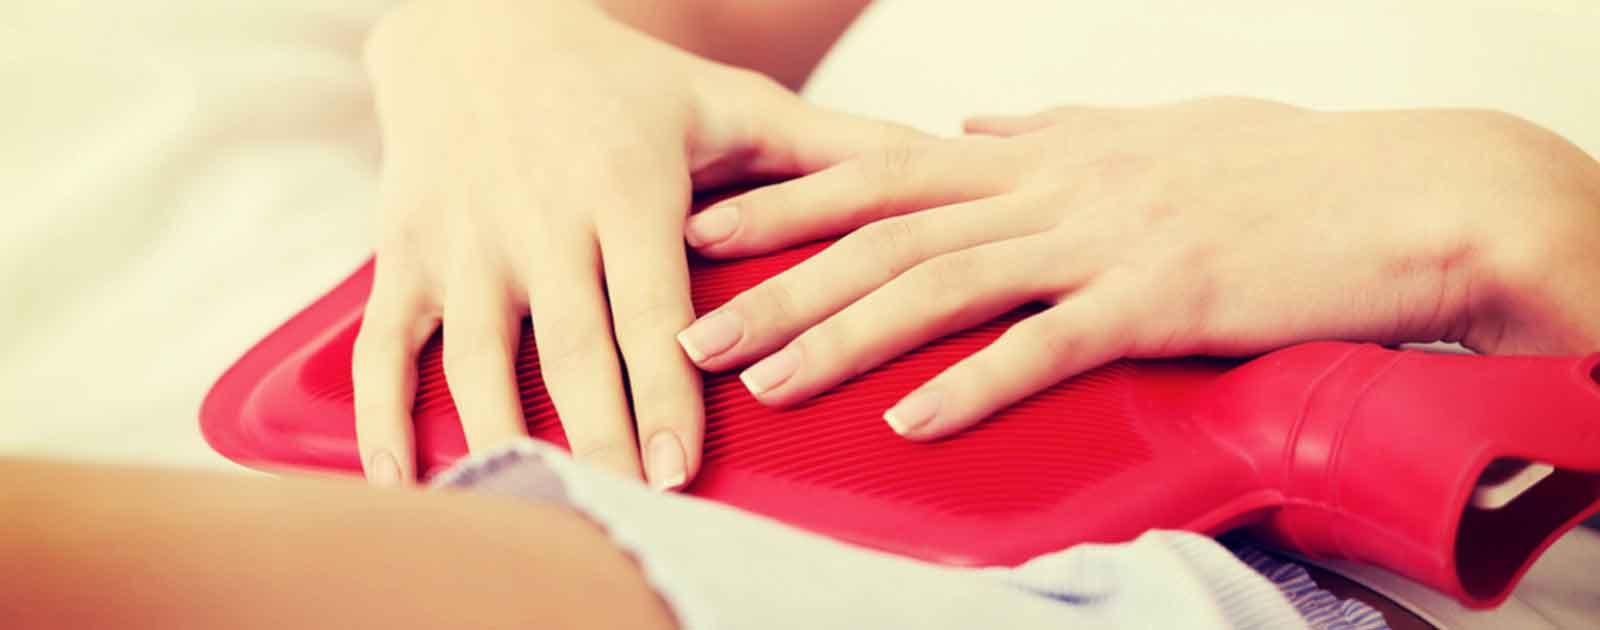 Uretrite, addio! Prova questi 5 rimedi per curare i sintomi